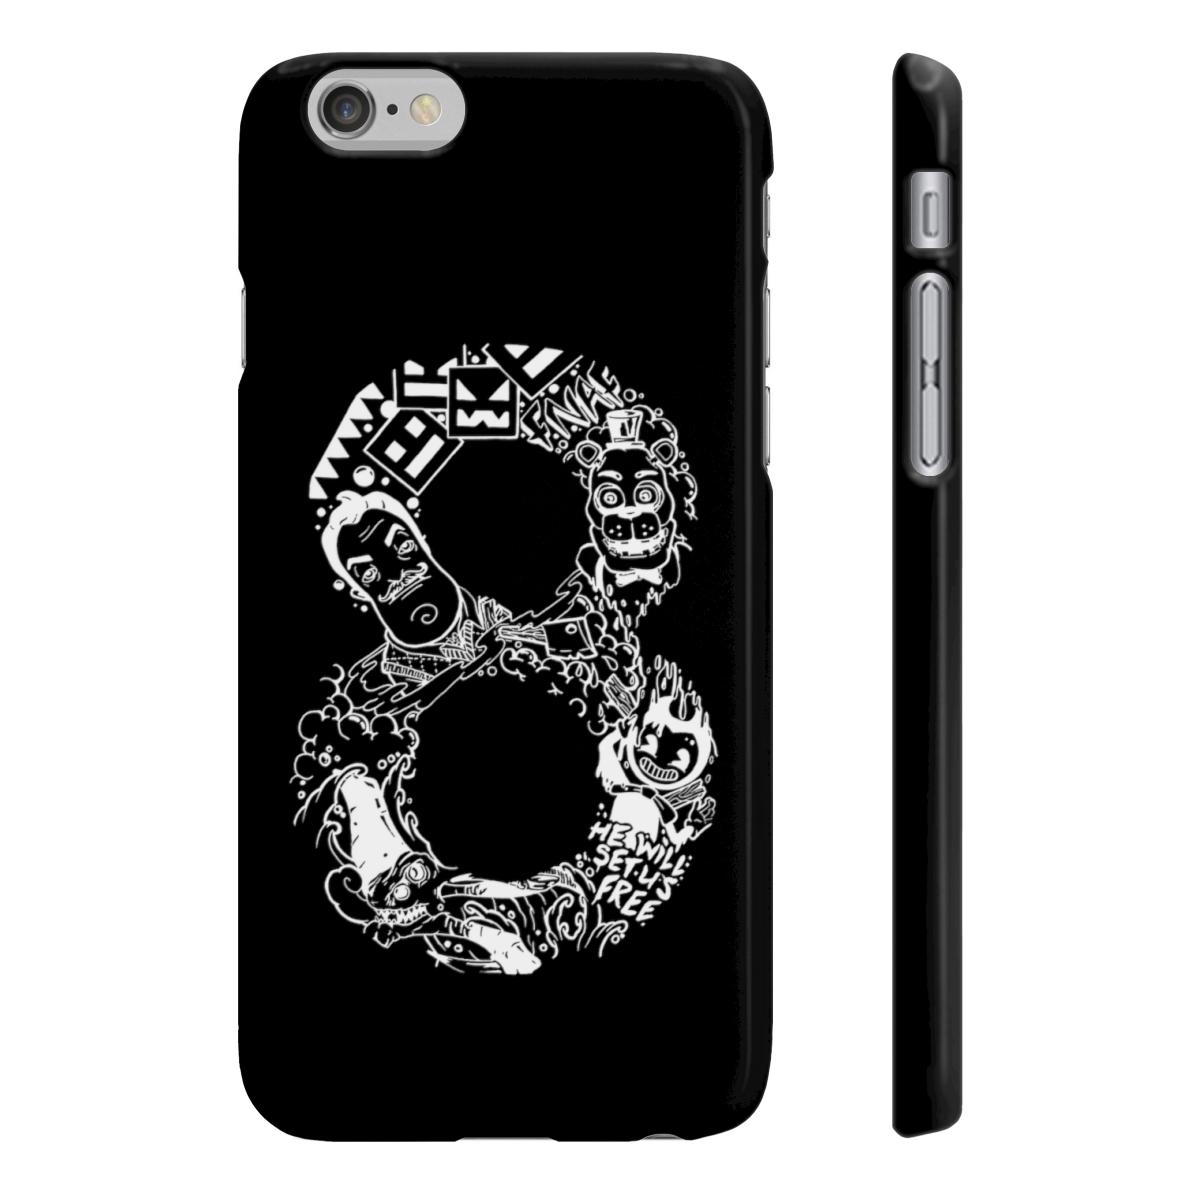 8Bit Phonecase - Black